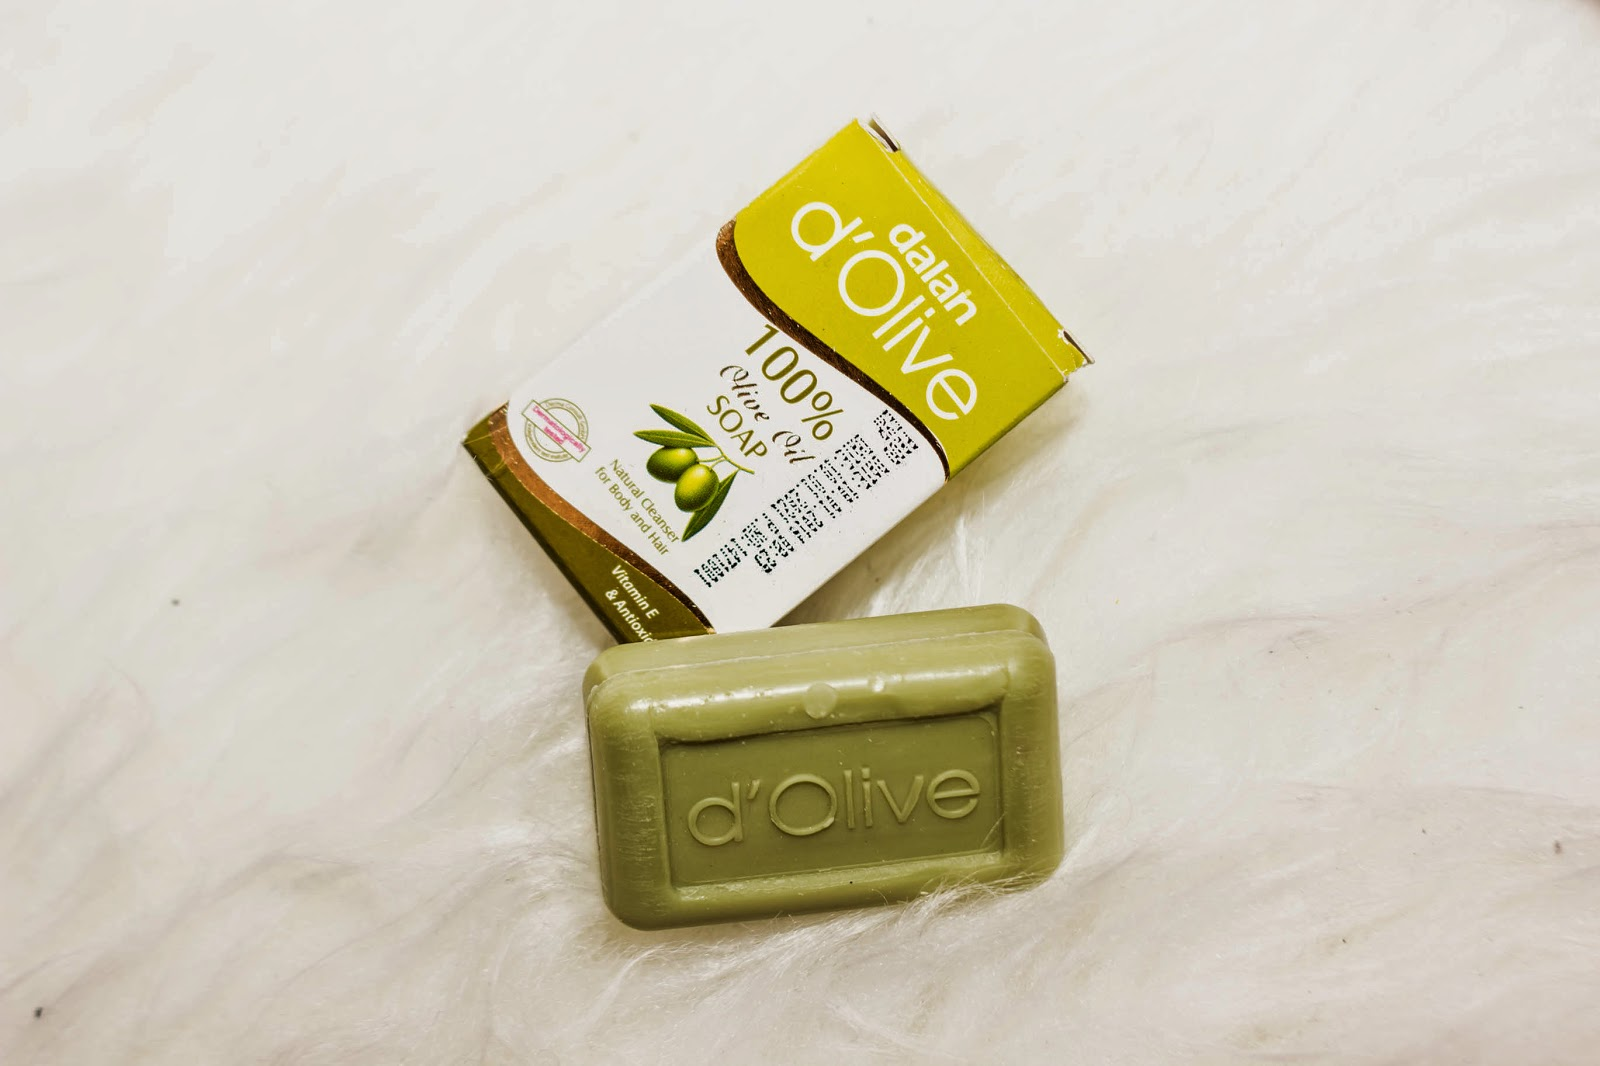 D' OLIVE - Mydło do ciała i do włosów - 100% oliwa z oliwek / cena 10,00 zł / 150 g /